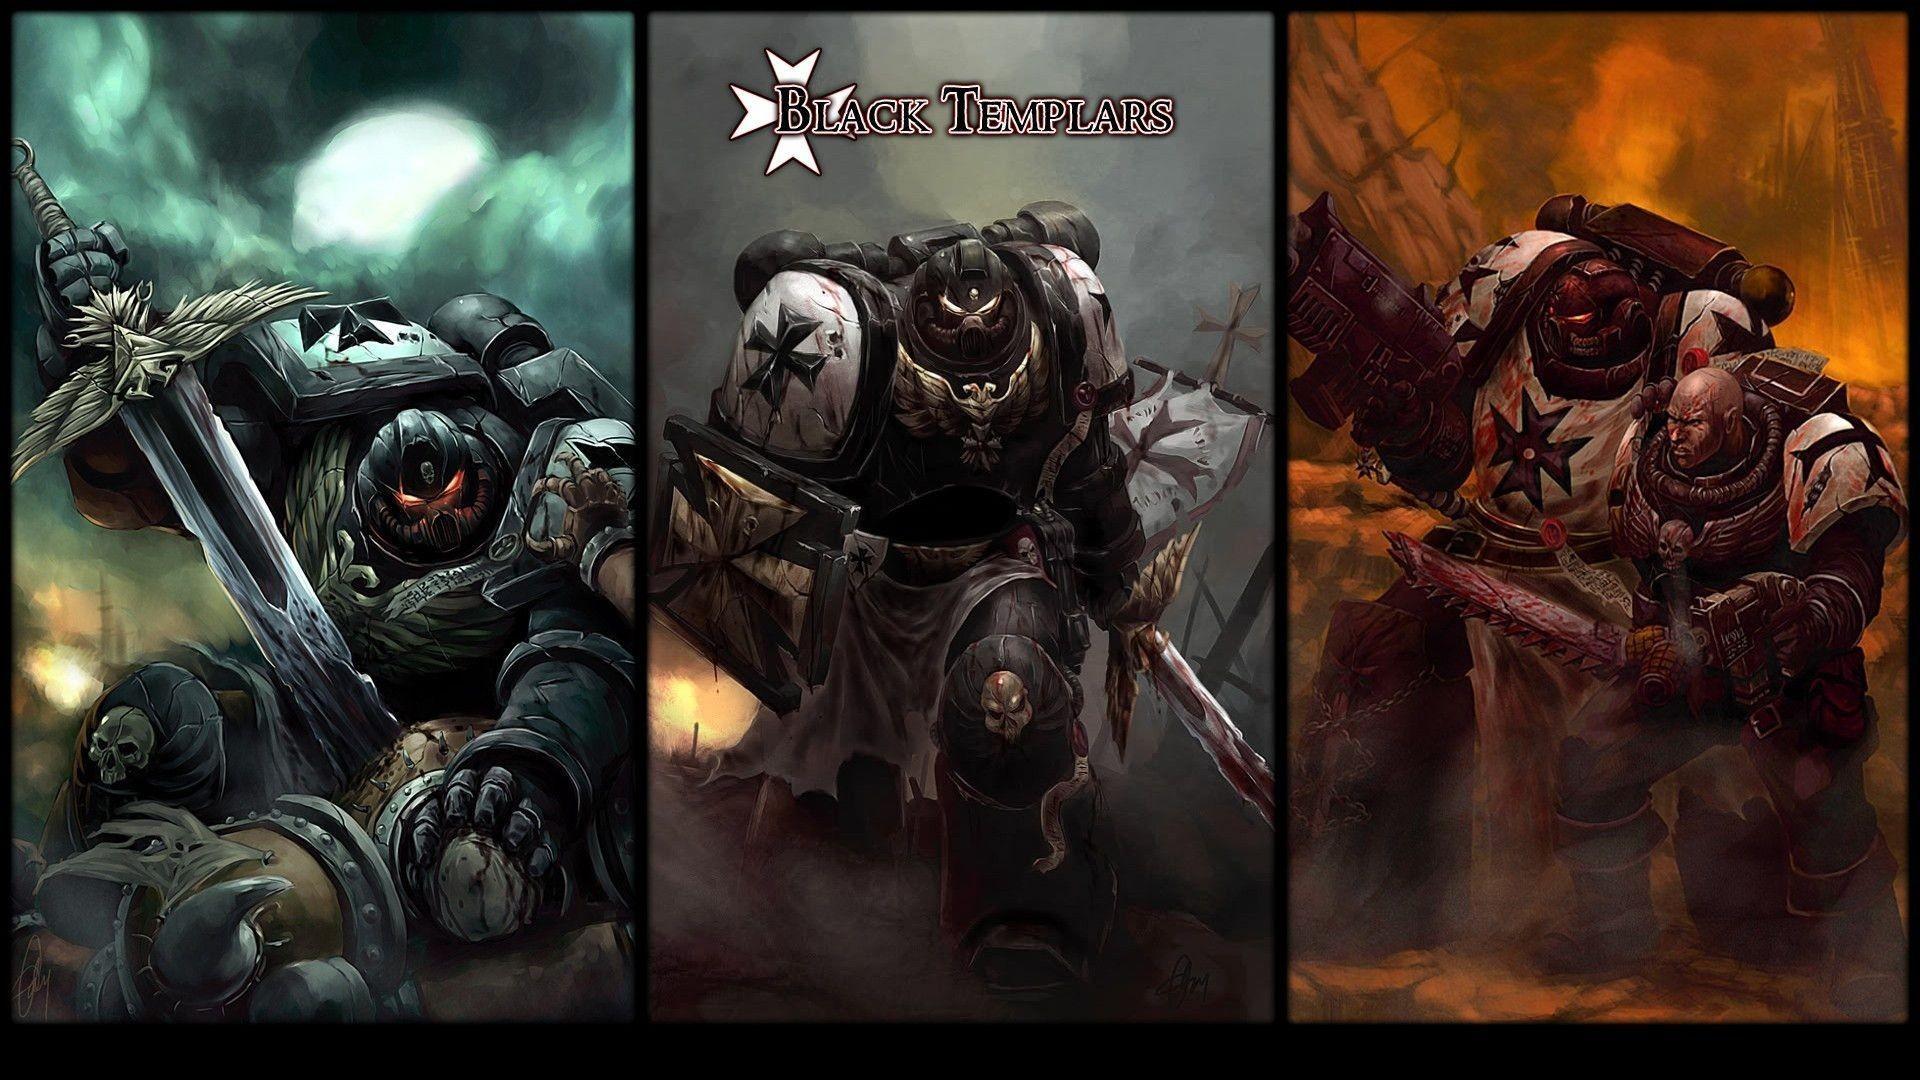 Warhammer 40K Chaos HD Wallpaper | Wallpapers | Pinterest | Hd wallpaper